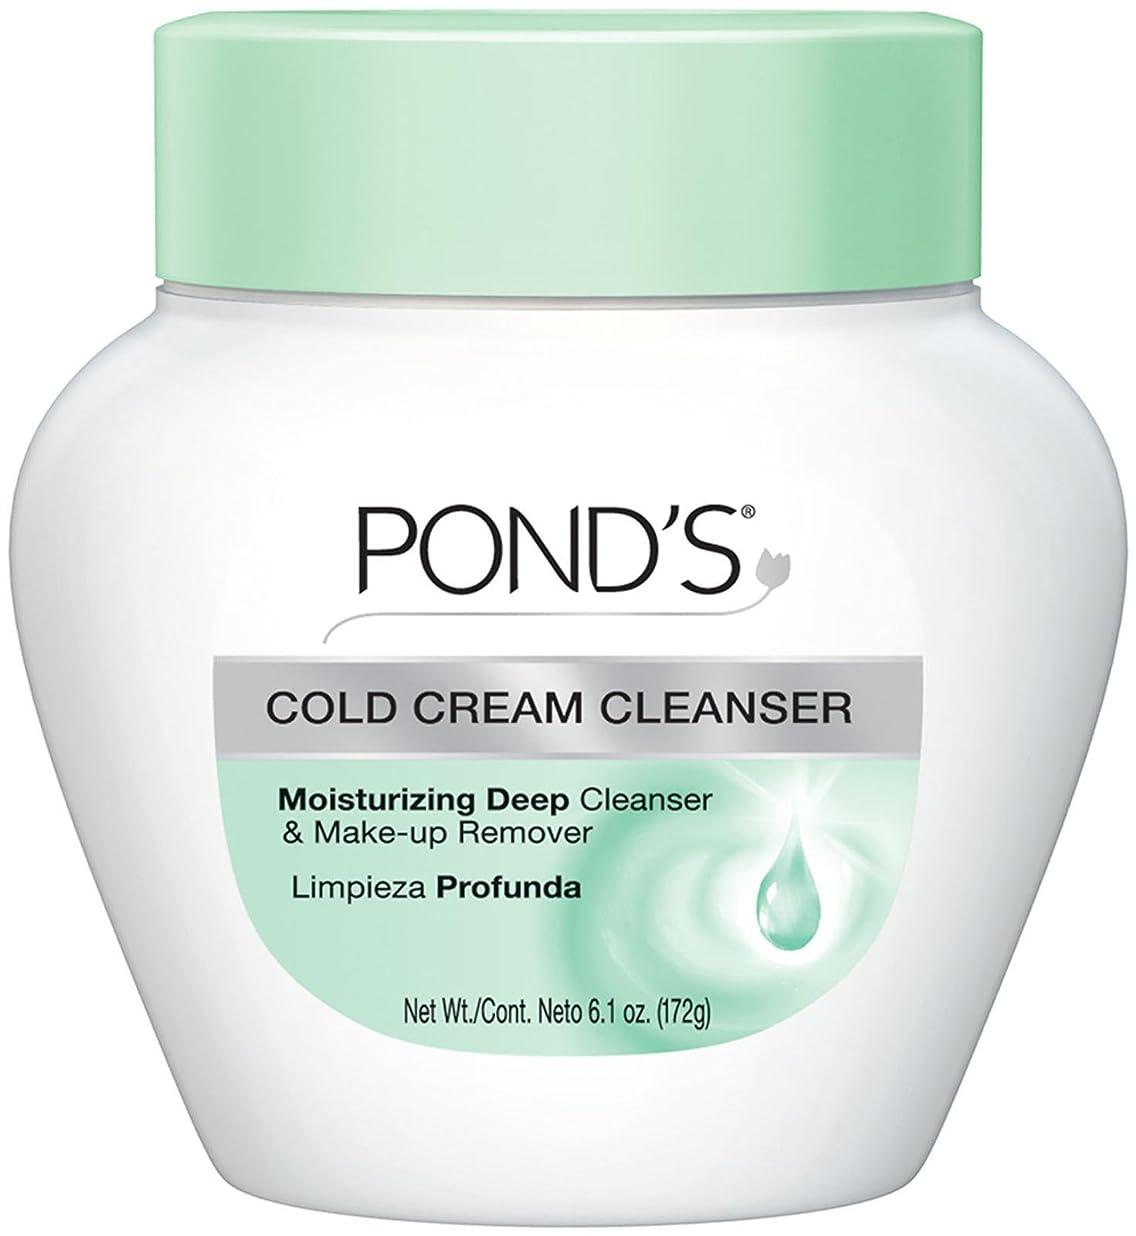 作ります排泄物イヤホンPond's Cold Caem The Cool Classic Deep Cleans & Removes Make-Up 170g (並行輸入品)